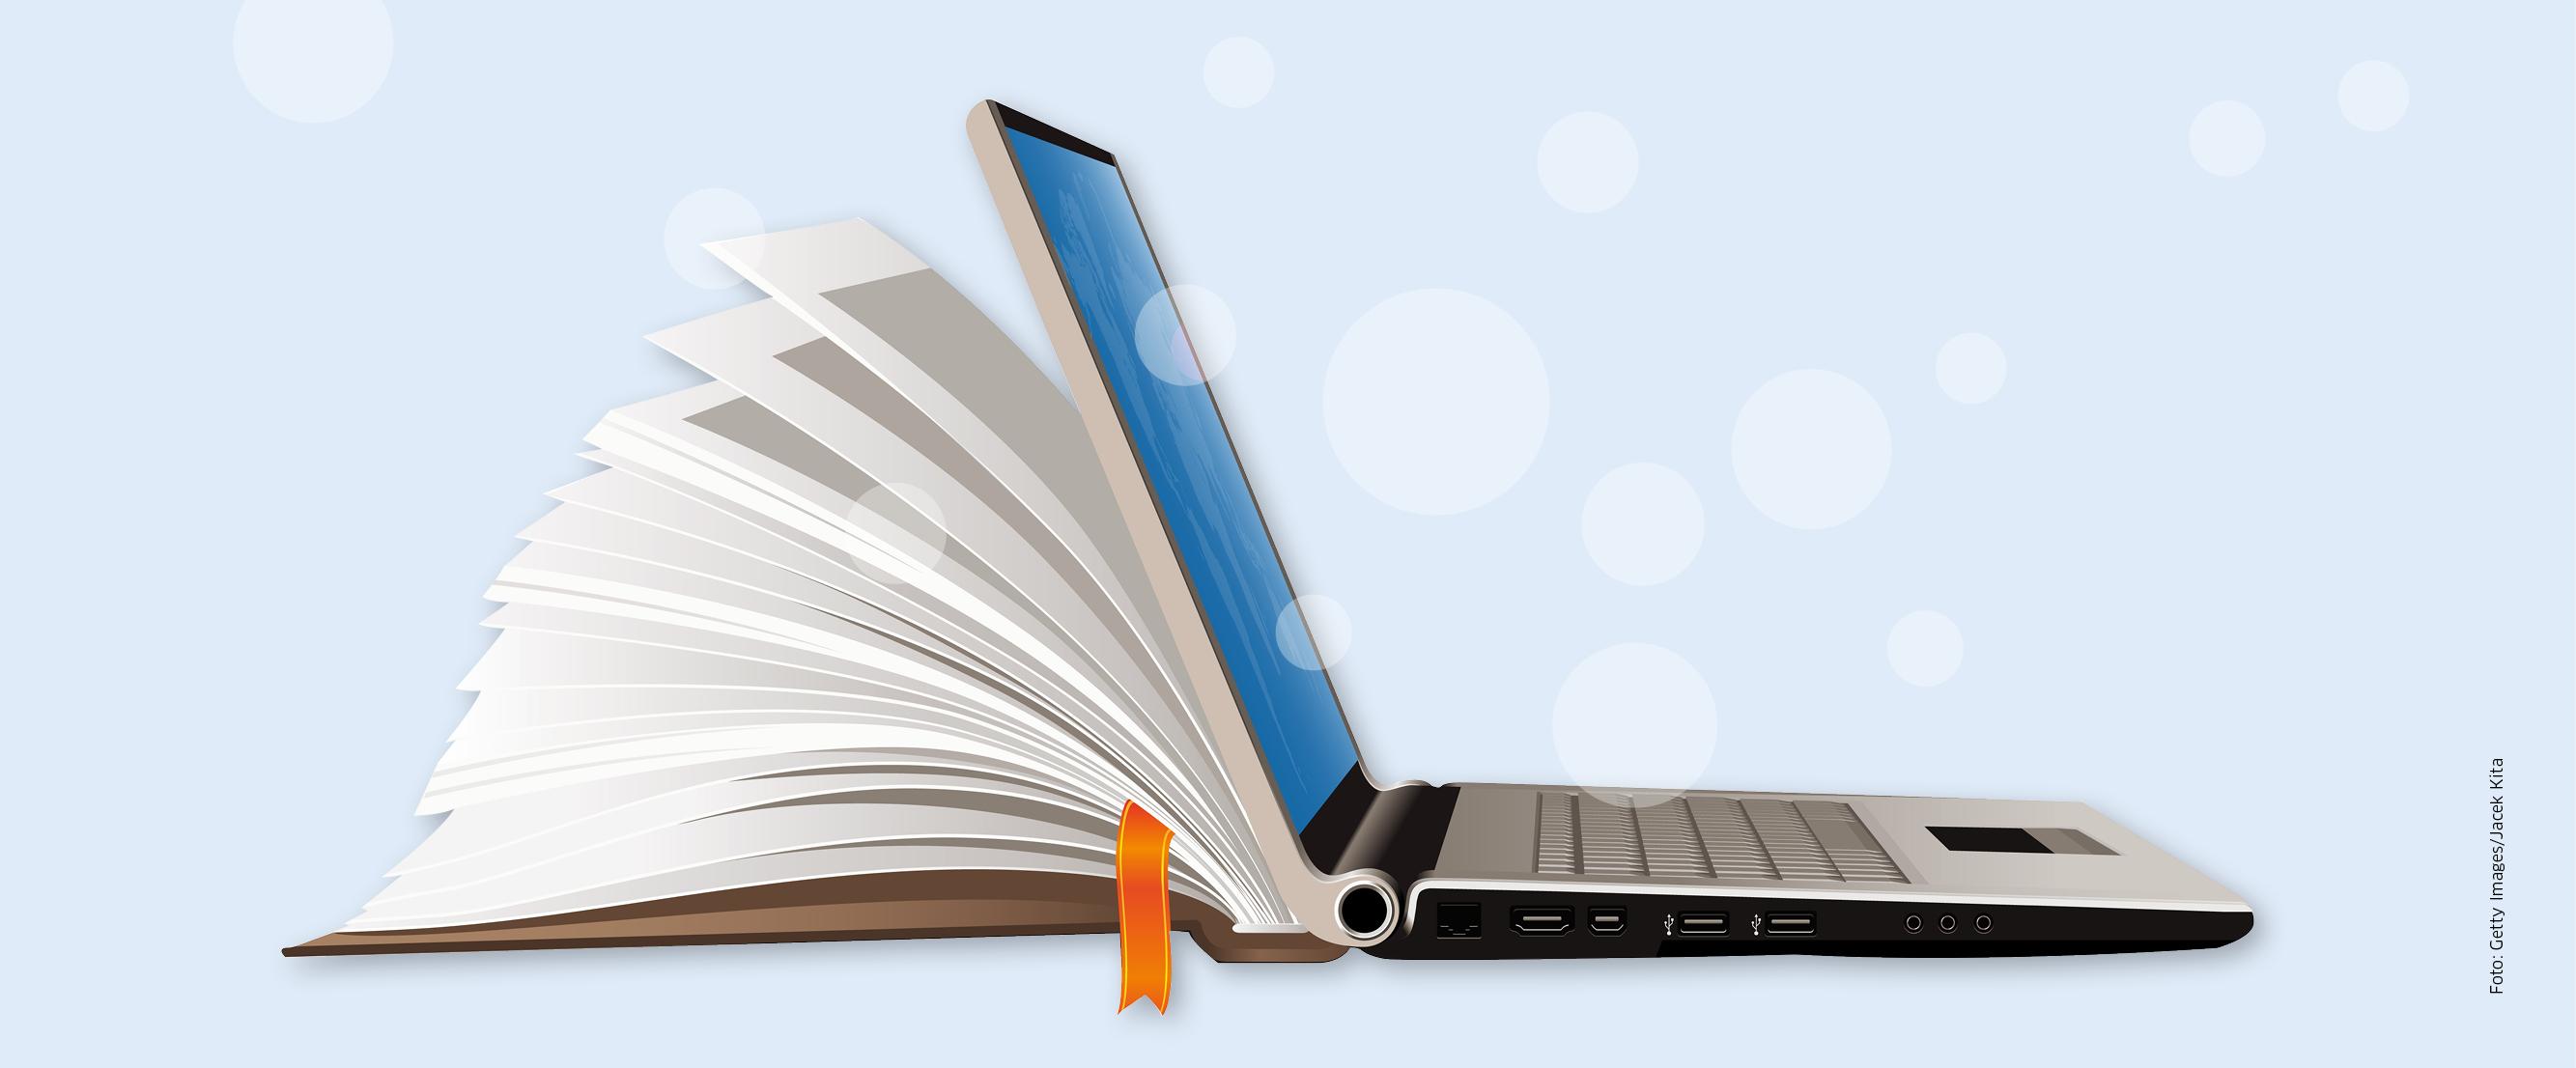 NDT - das eLearning Programm der DUB Akademie auf Hochschule-Niveau